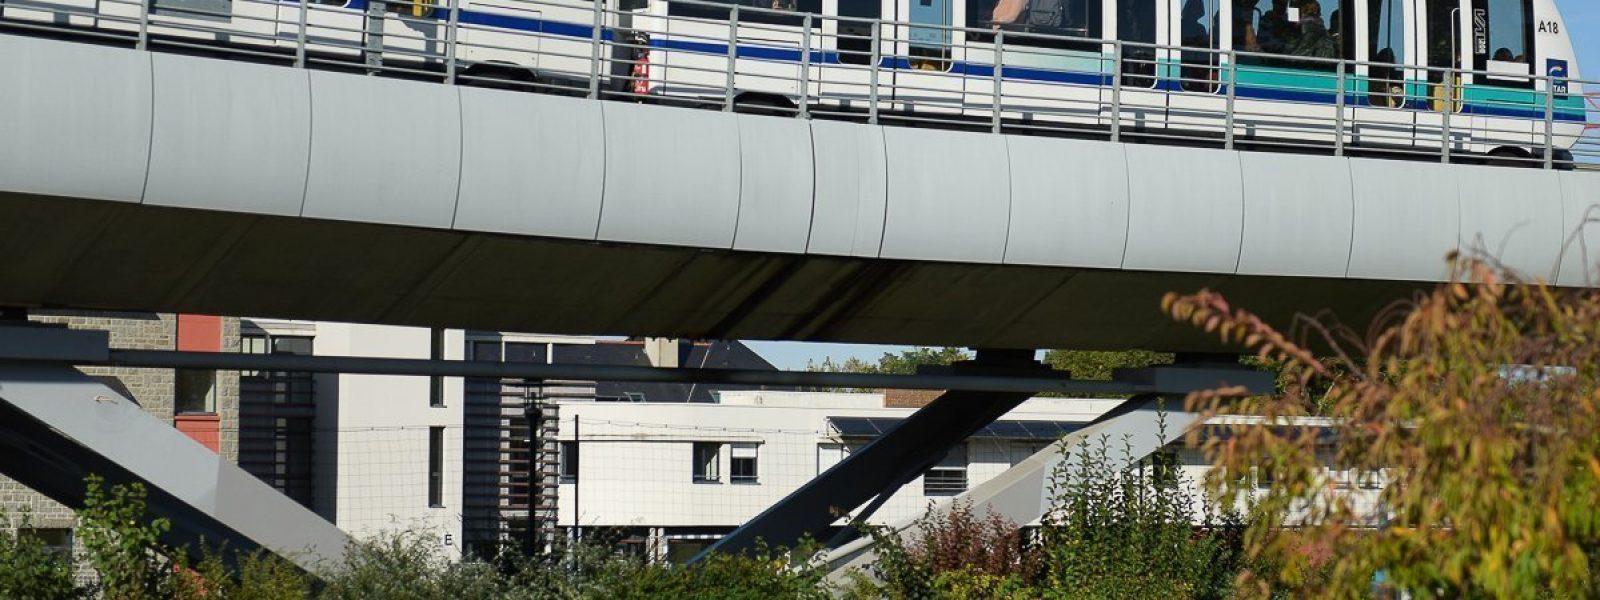 Le métro de Rennes